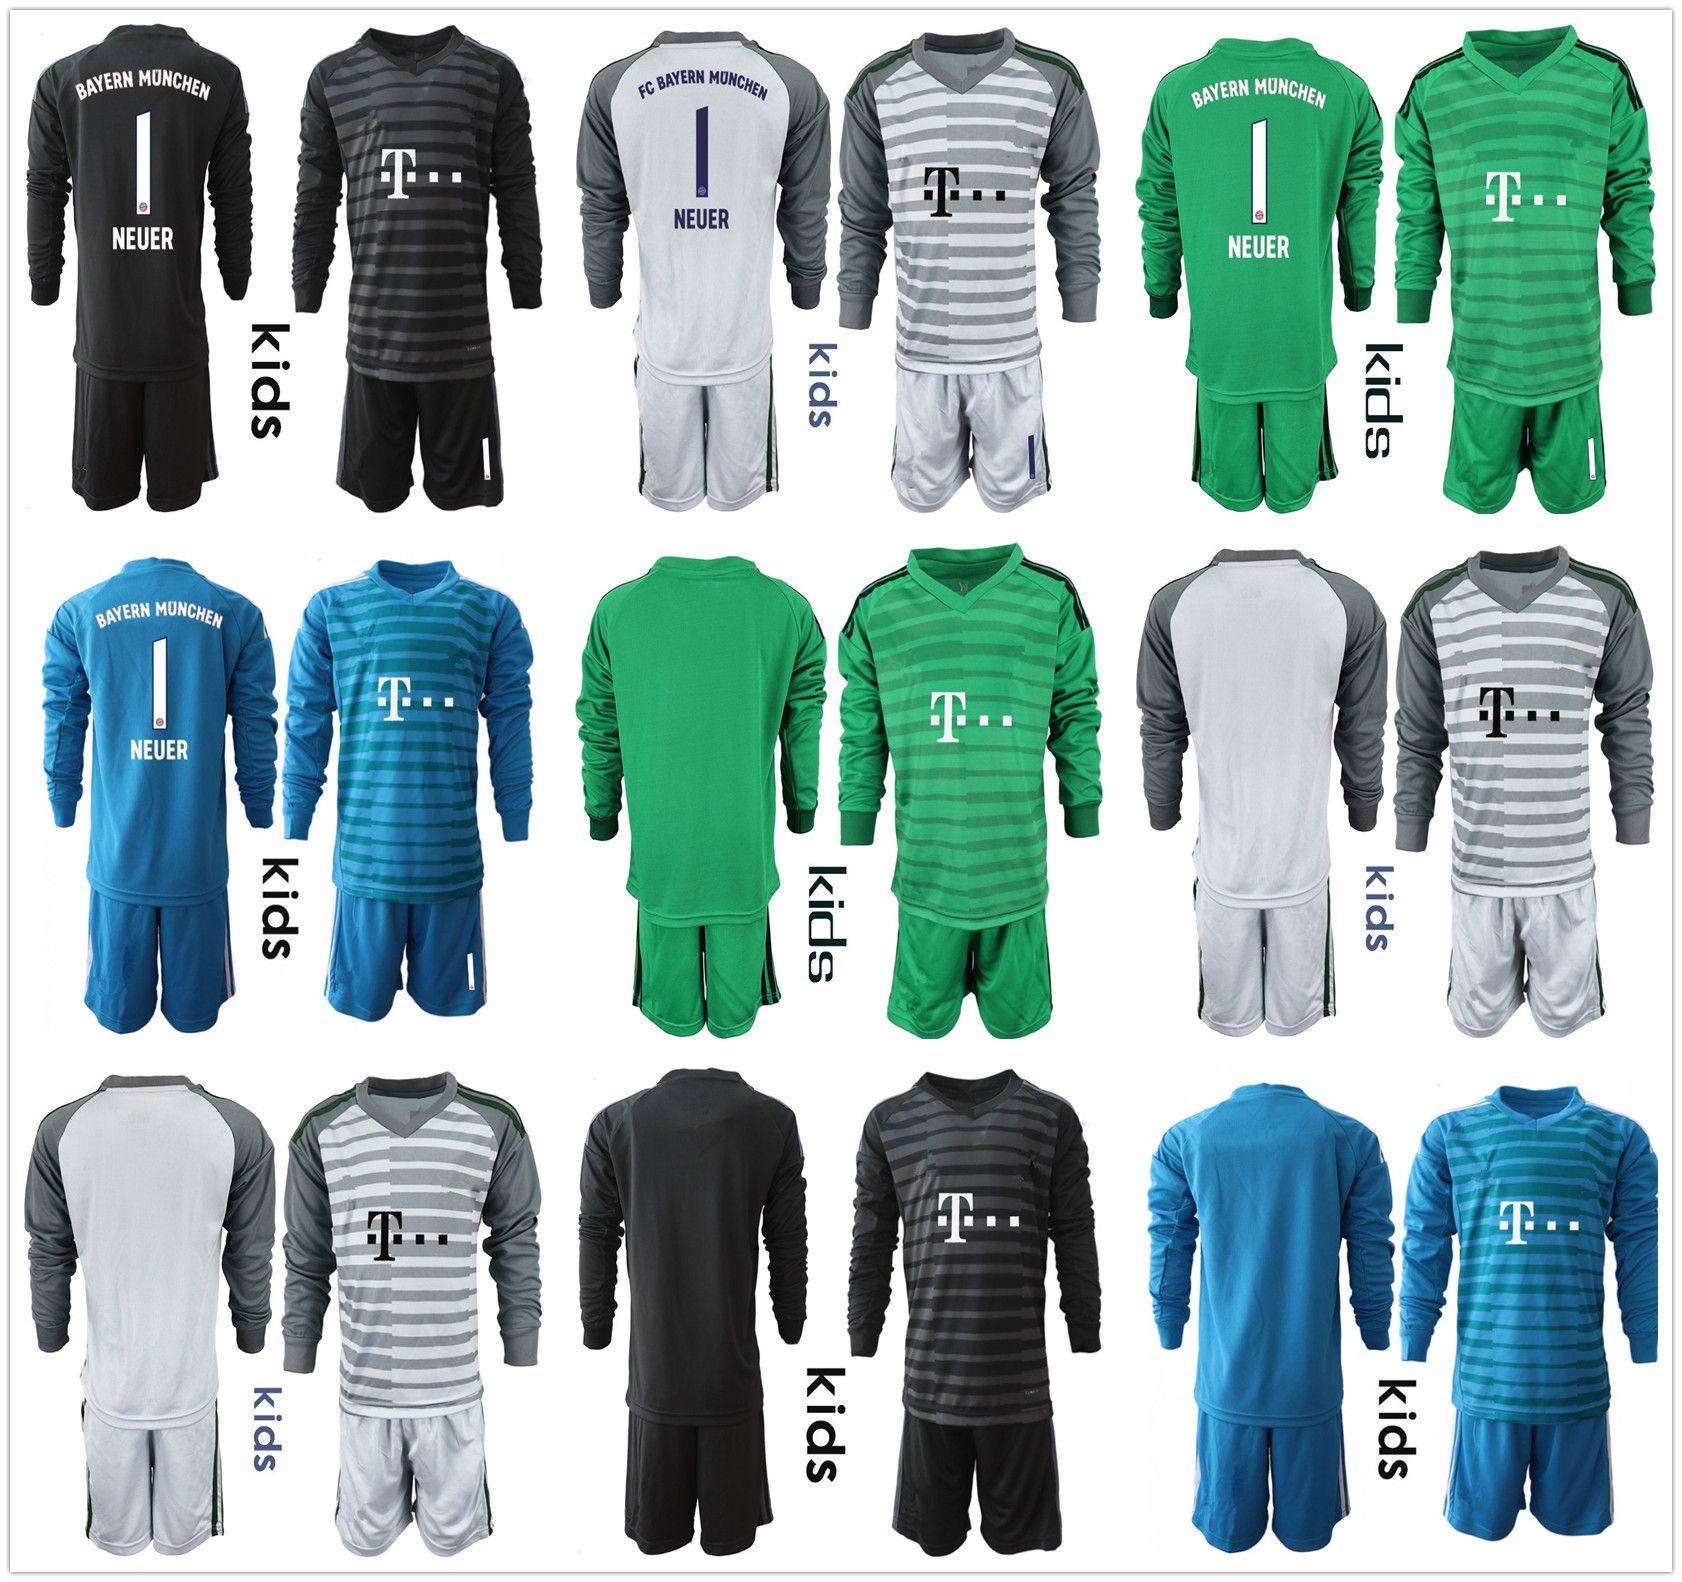 bec47b20e 2019 2018 19 Long Sleeve Kids Youth NEUER Goalkeeper Jersey Kid Kit Soccer  Sets  1 Manuel Neuer  26 Ulreich Boys Goalie Football Children Uniform From  ...